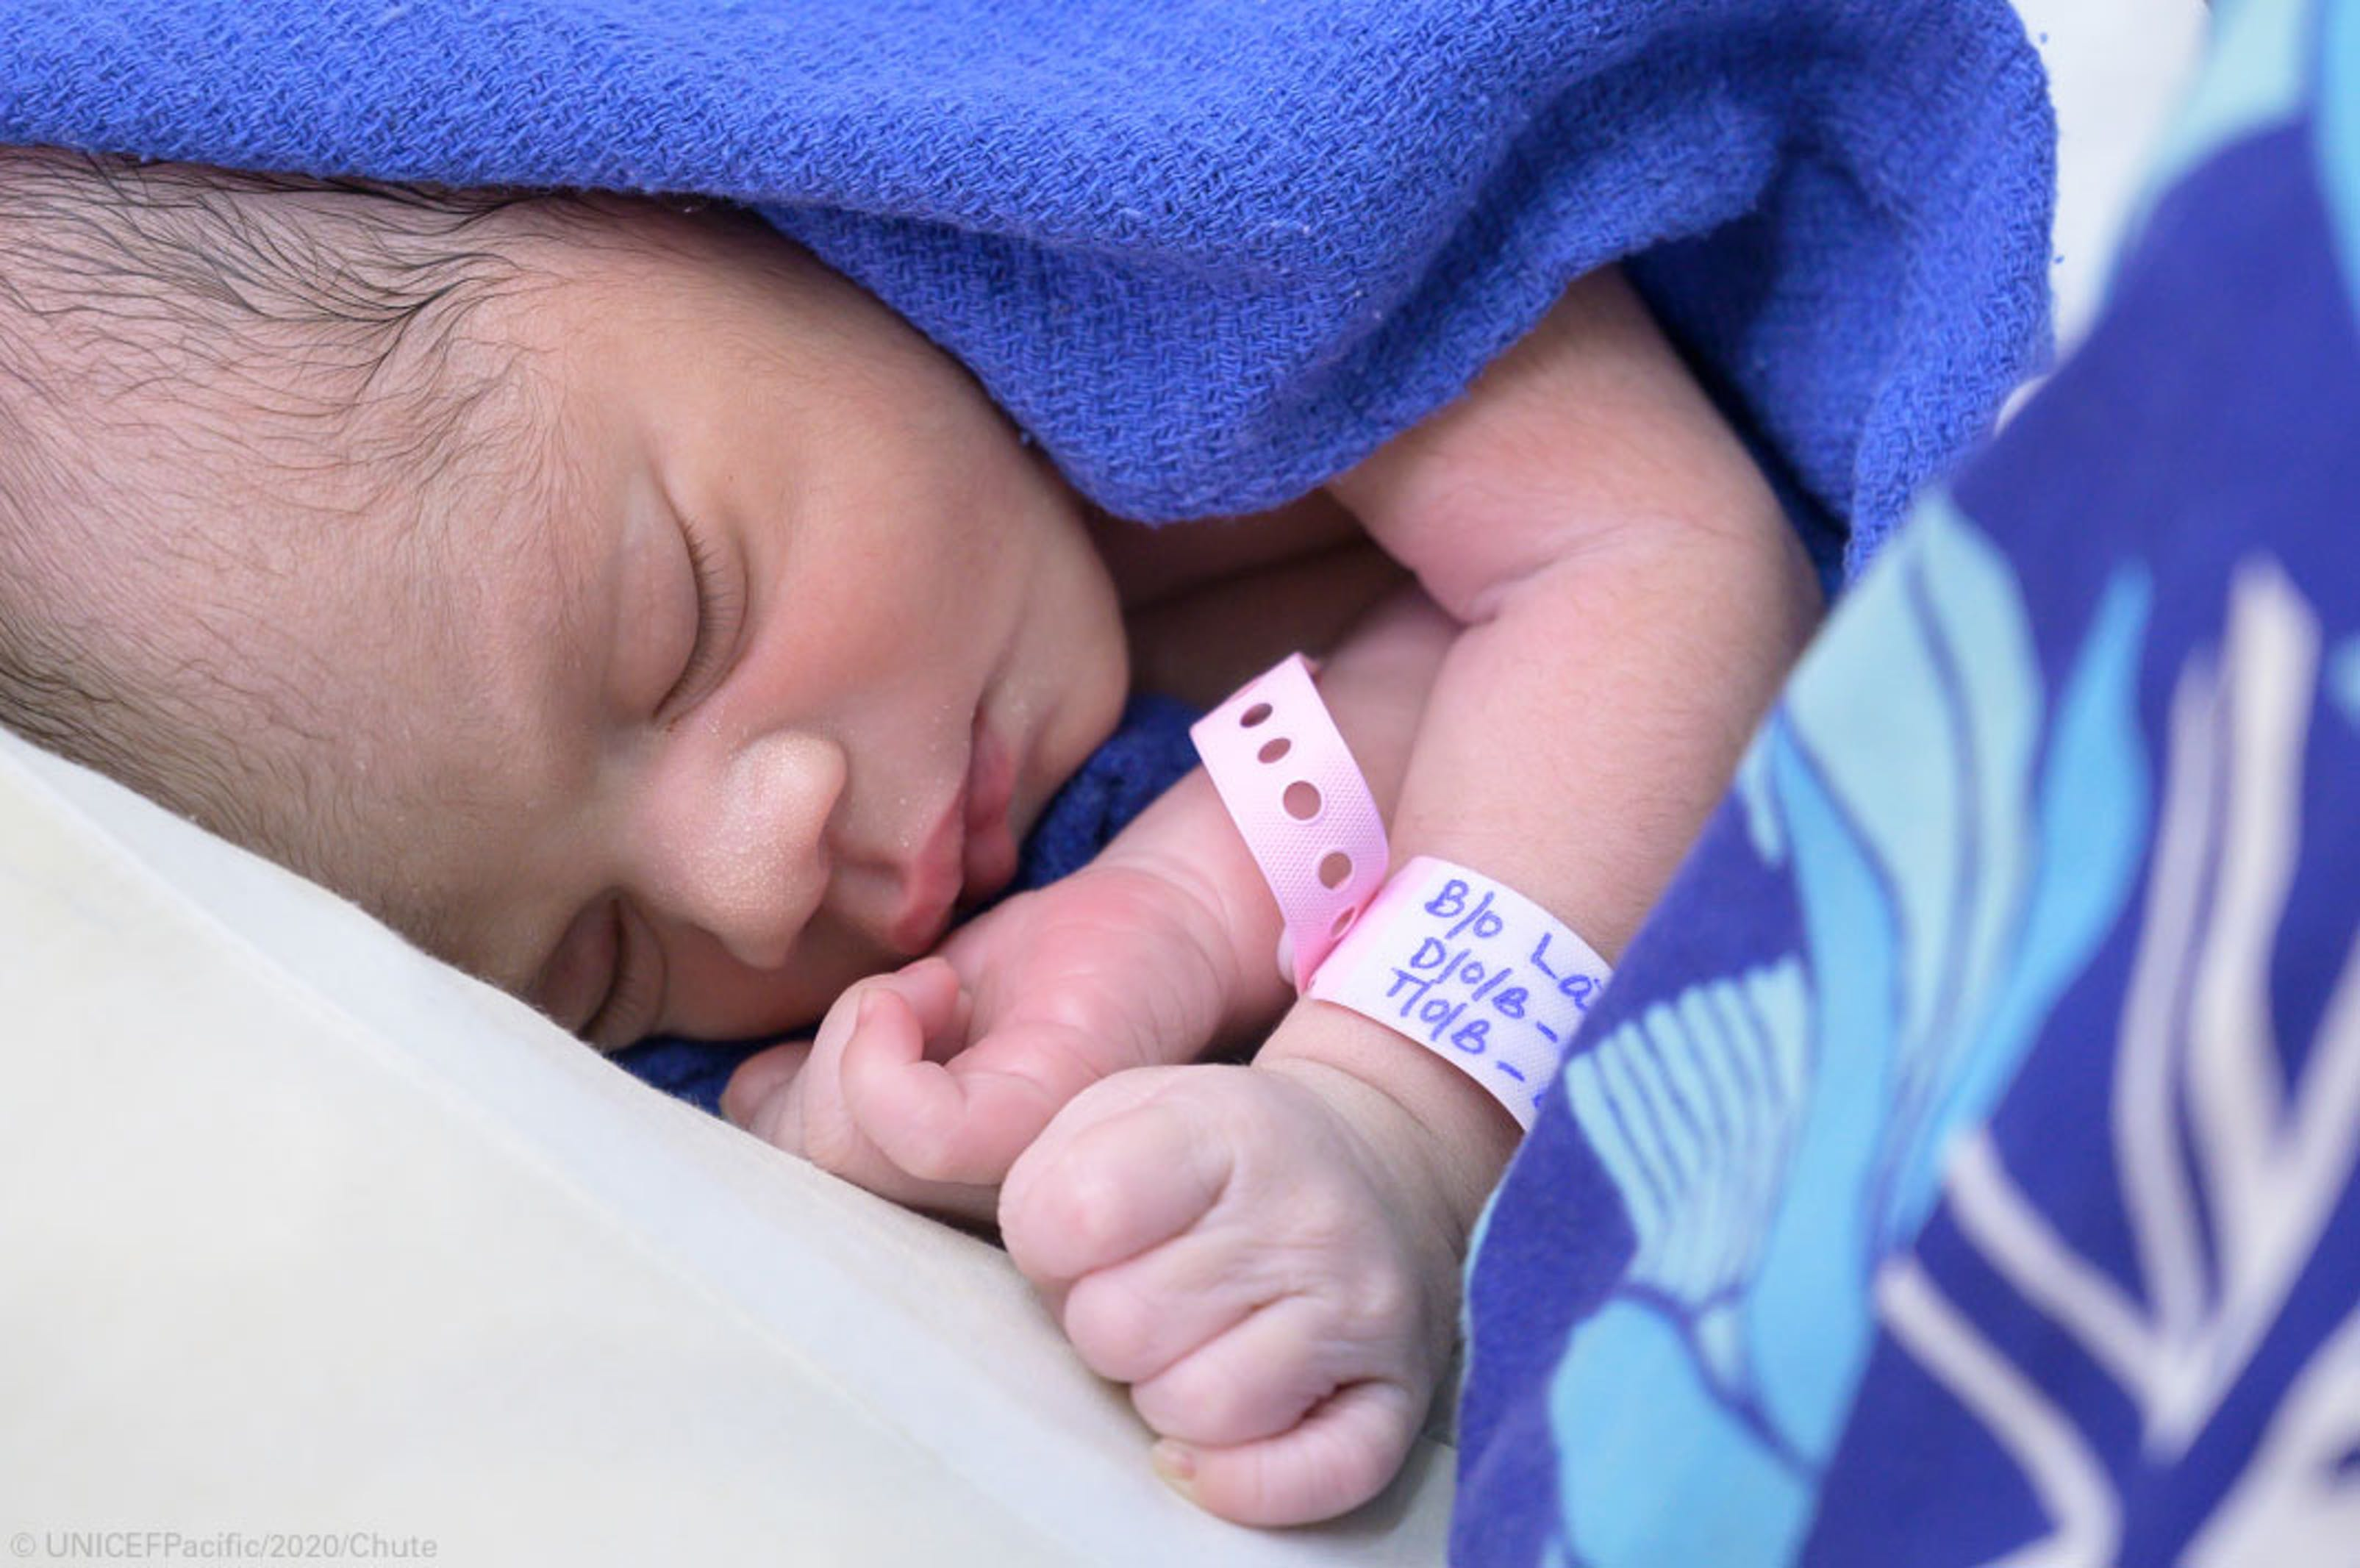 Questo bambino, nato 10 minuti dopo la mezzanotte del 1° gennaio nelle isole Figi (Oceania) è uno tra i primissimi dei circa 392.000 bambini che hanno visto la luce nel primo giorno del 2020 - ©UNICEF